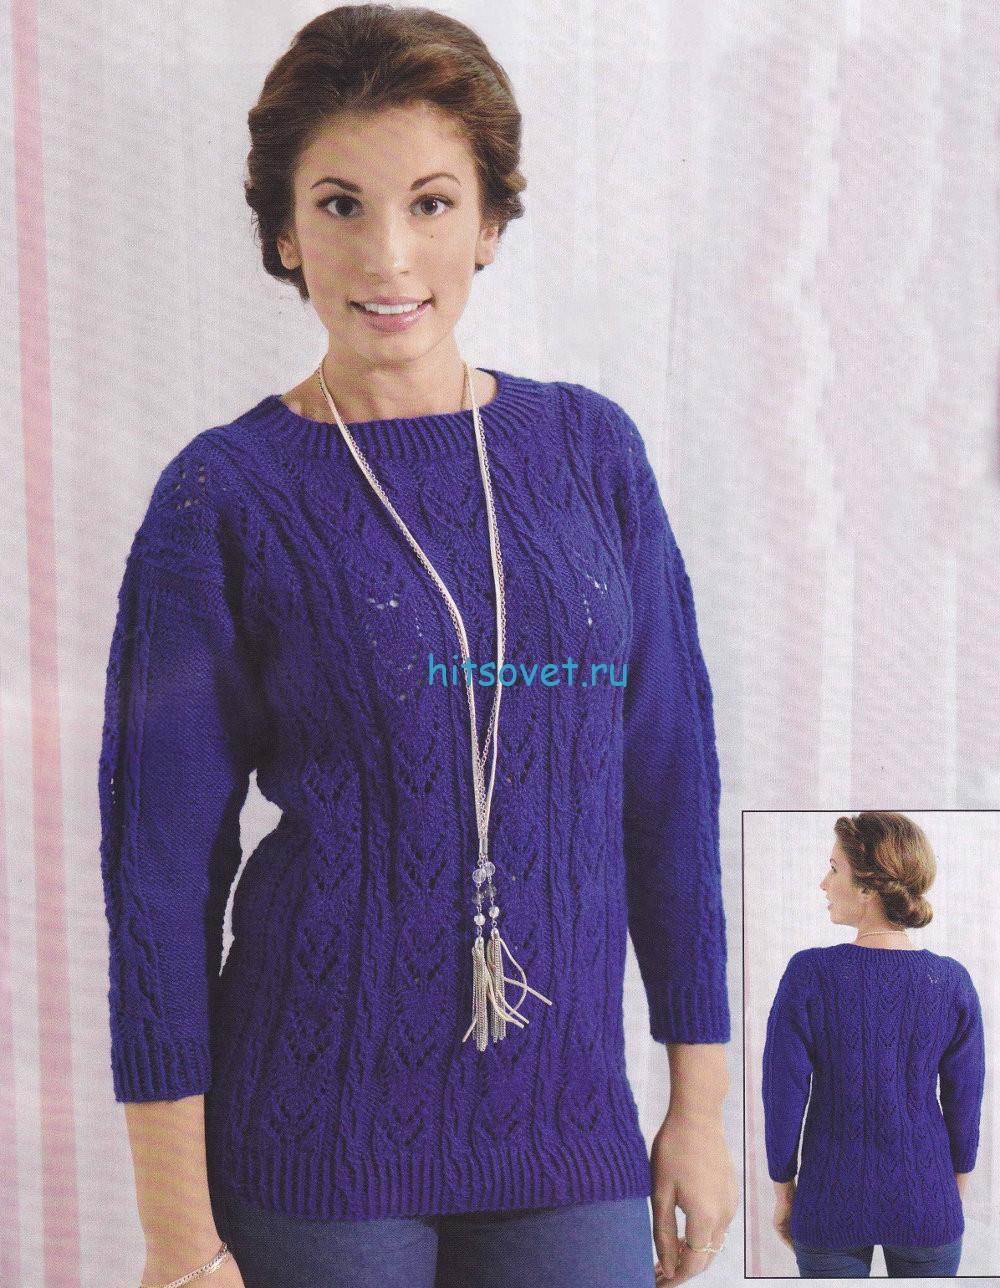 Вязание свитера ажурным узором со схемой, фото.